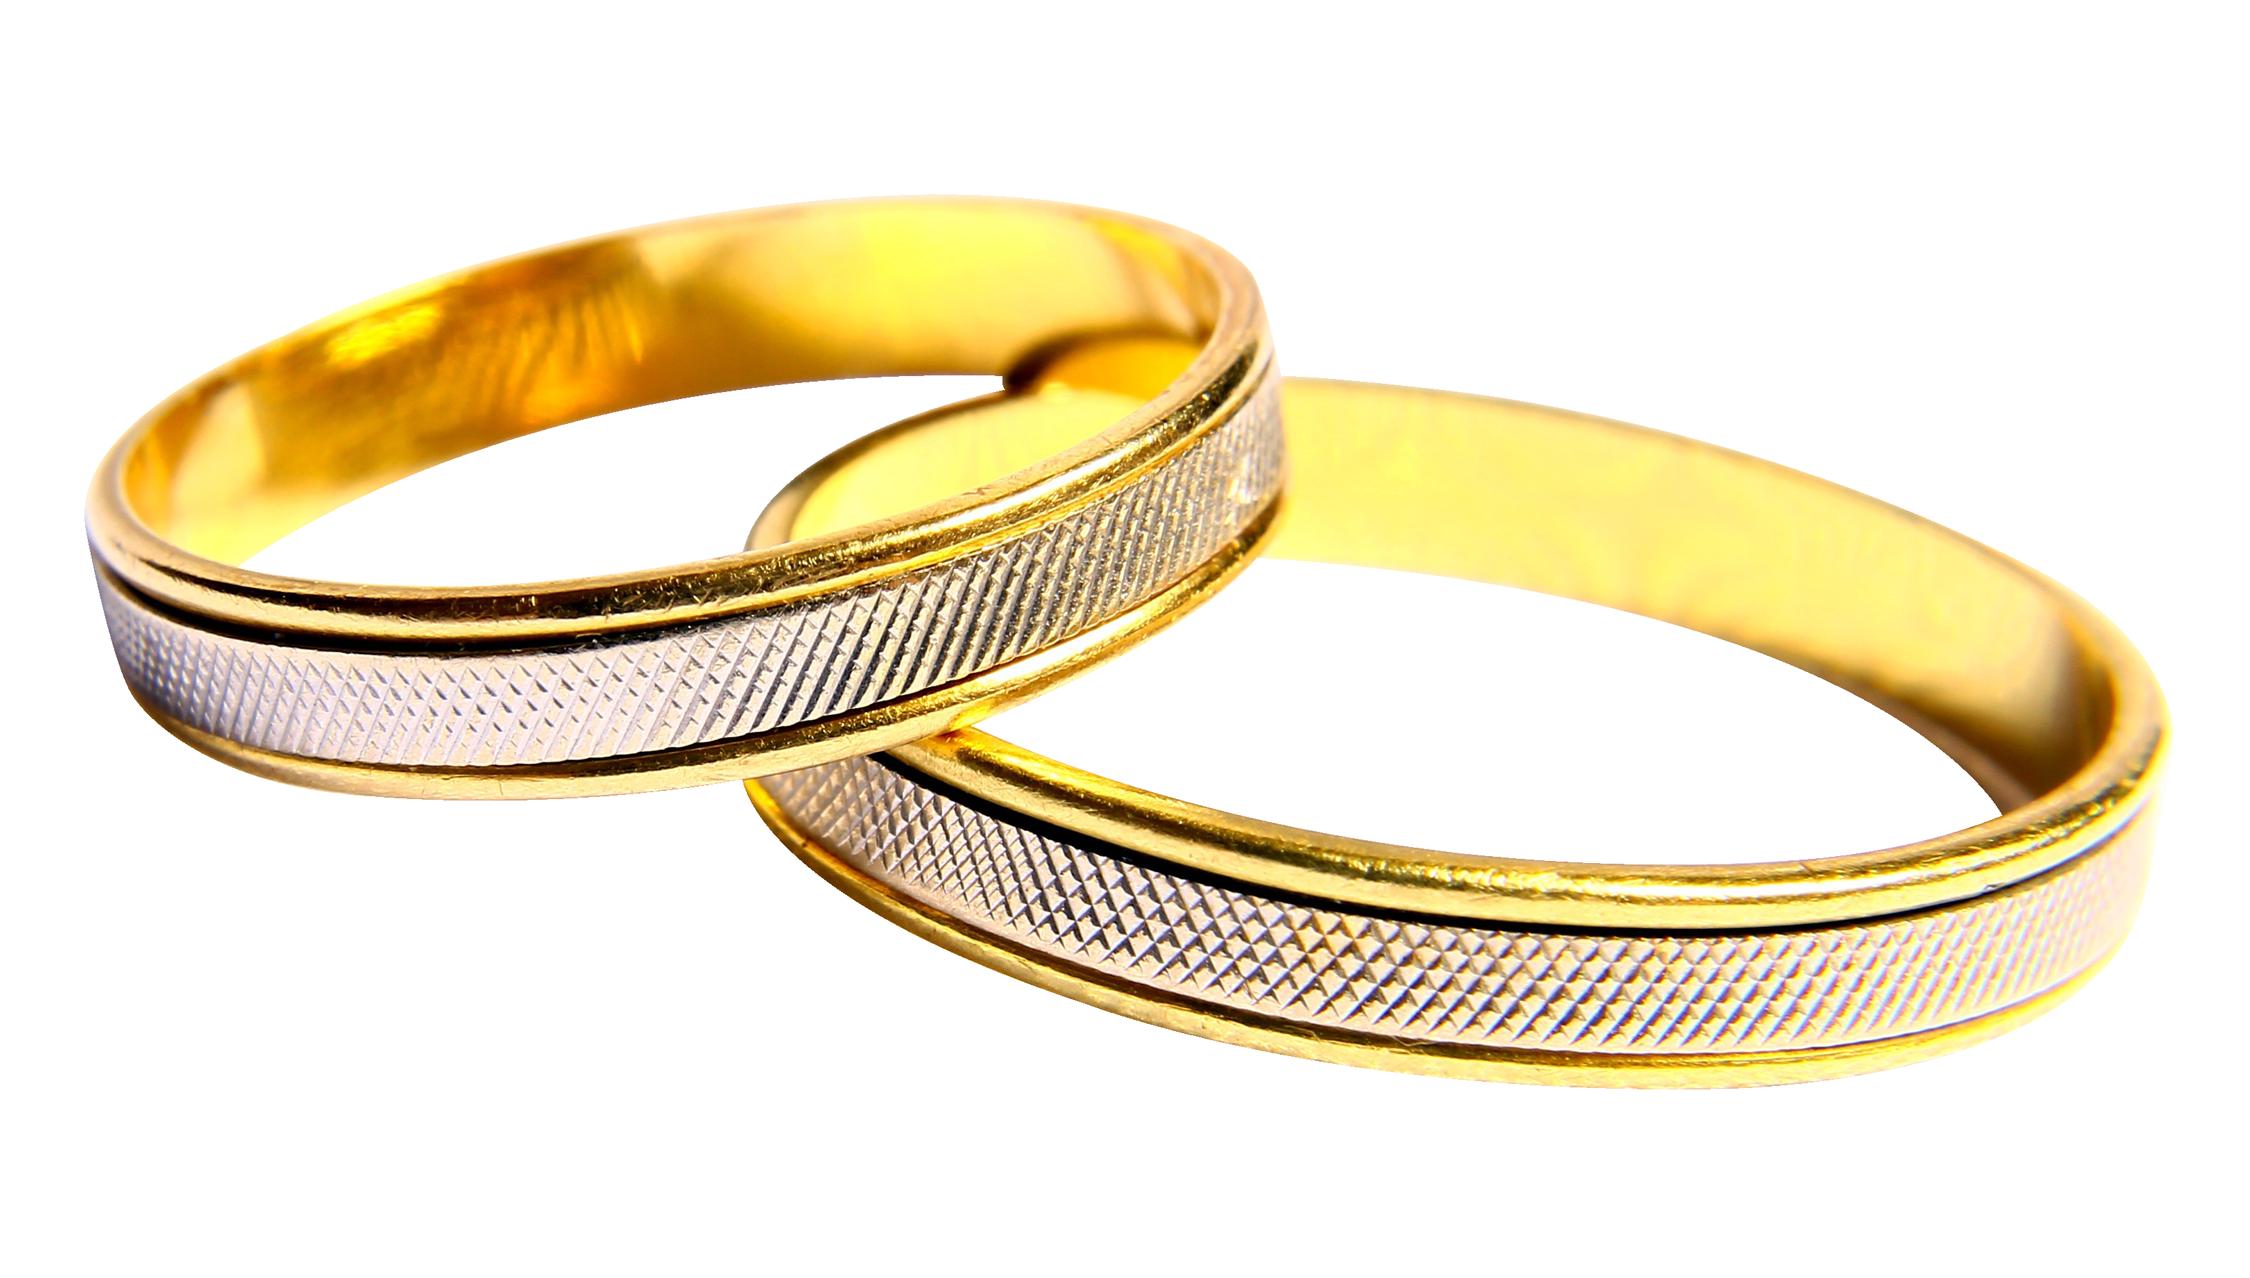 Wedding Rings Png Image Wedding Ring Png Wedding Ring Pictures Gemstone Wedding Rings